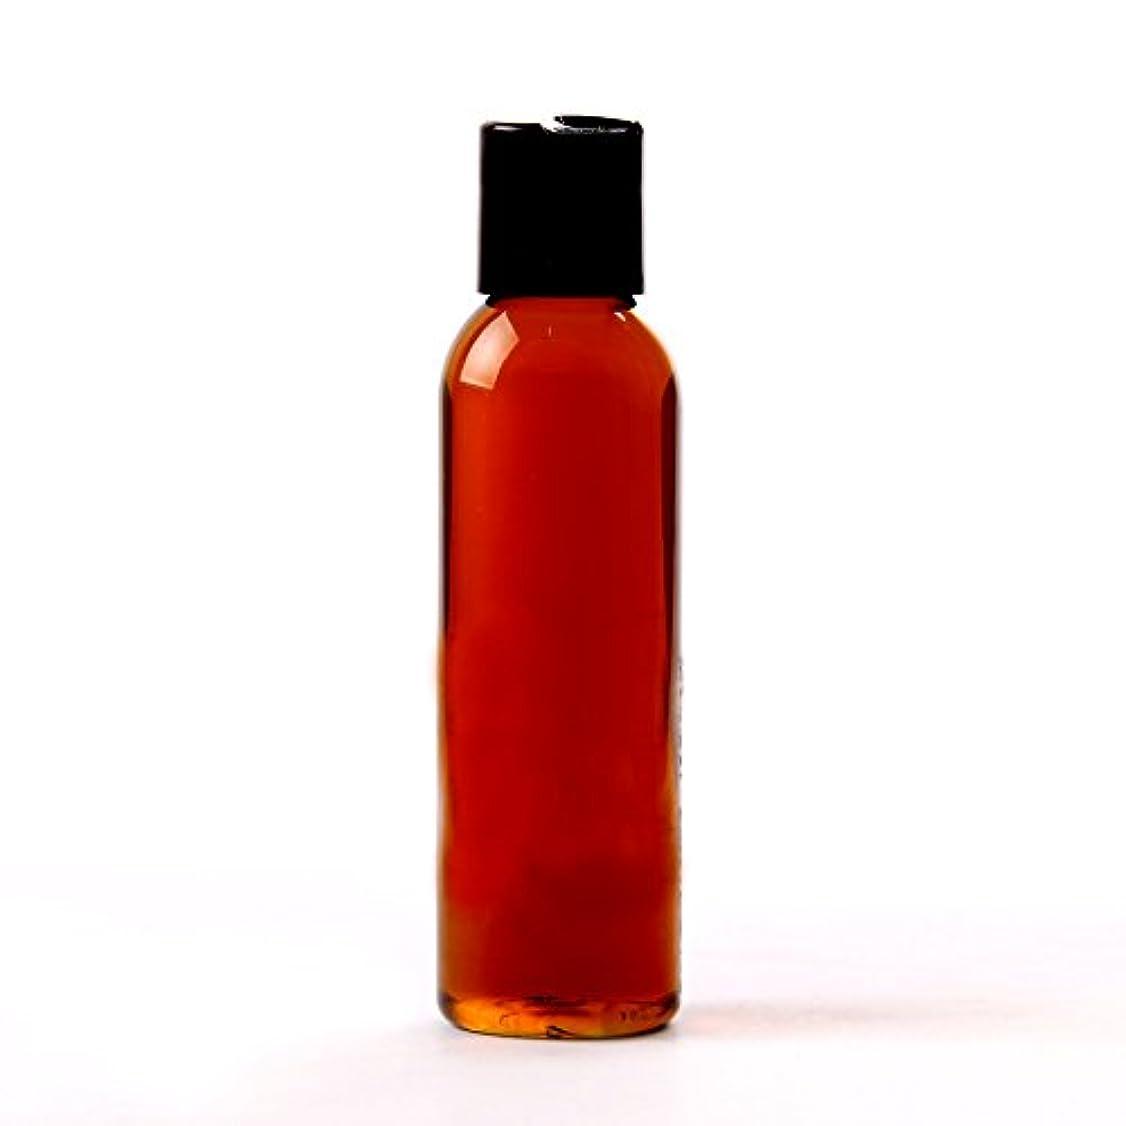 ジョージスティーブンソン転倒大聖堂Mystic Moments | Cucumber Virgin Carrier Oil - 125ml - 100% Pure